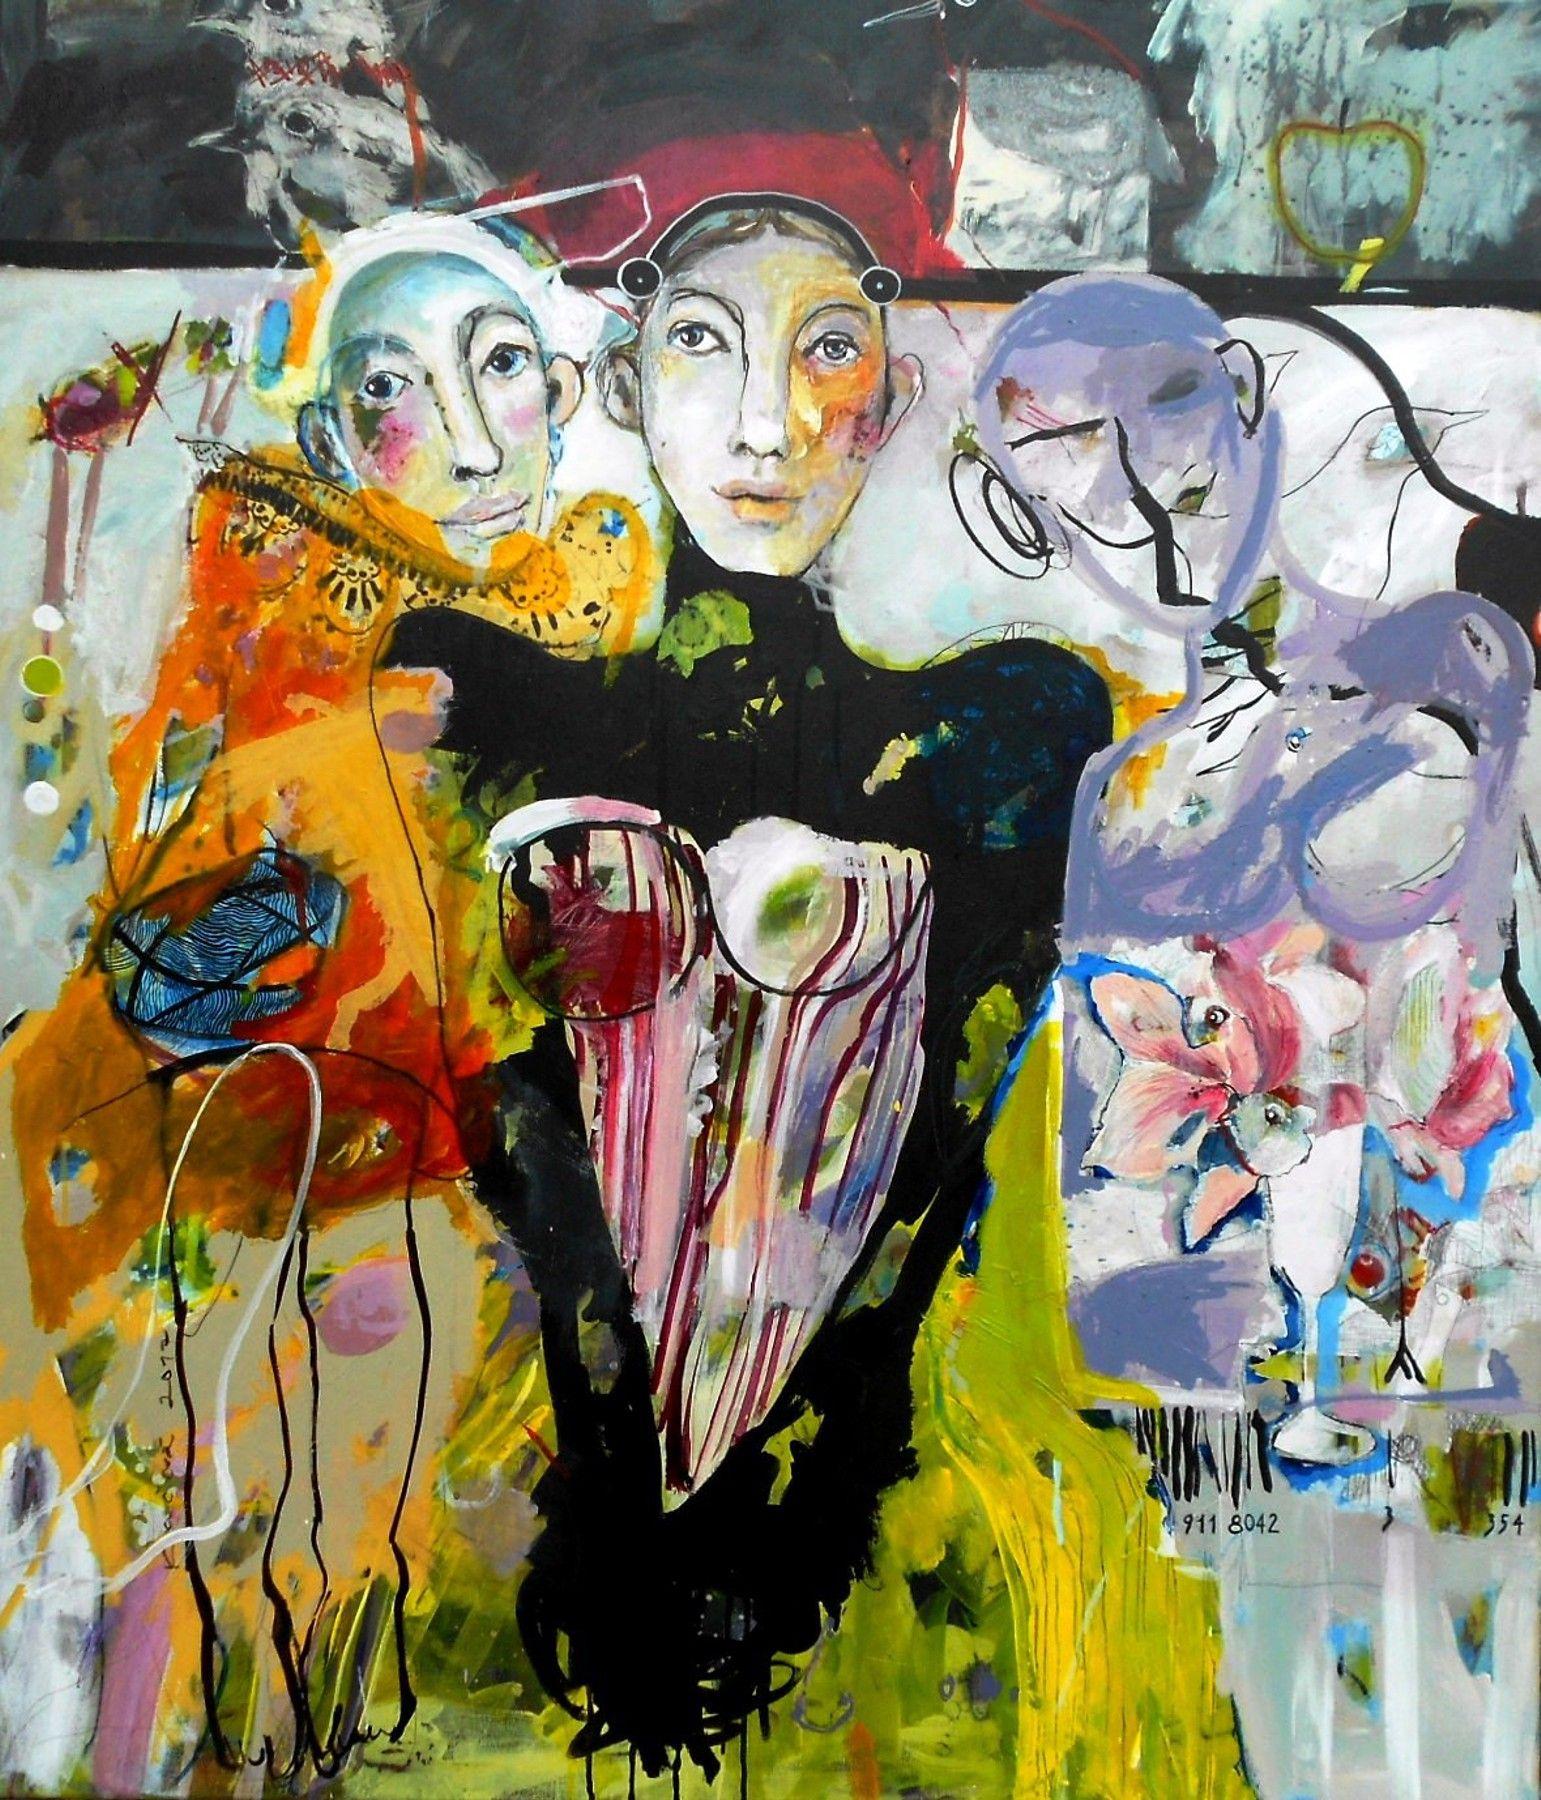 Renáta Kačová - Pokora, akryl, 120 cm x 100 cm, bez rámu, značené vľavo, 2017